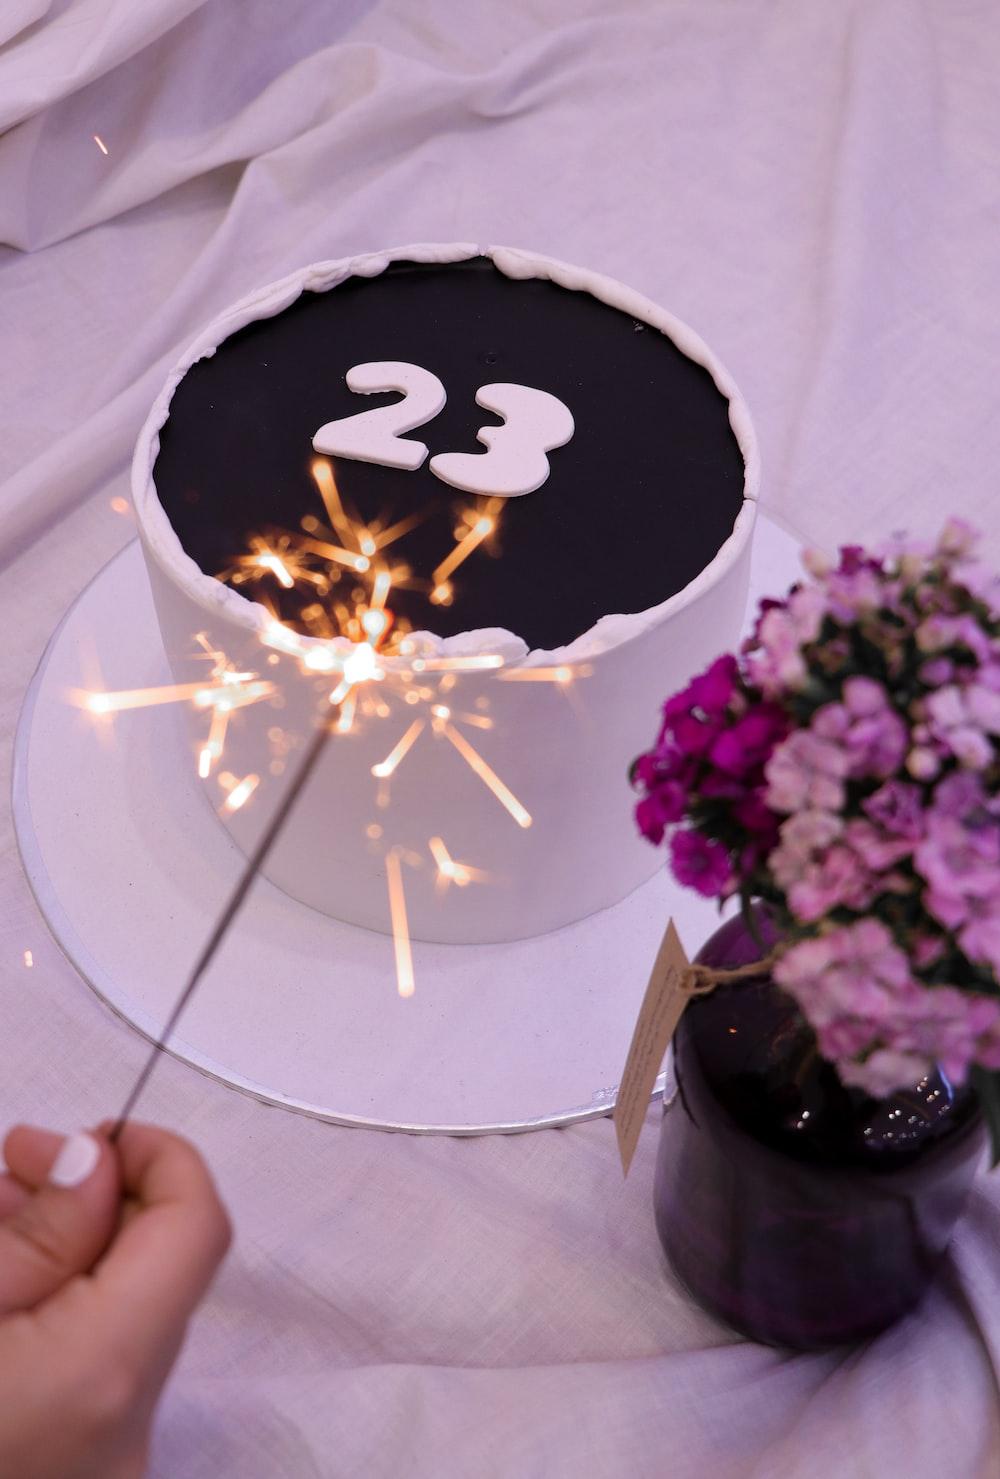 white and black round cake